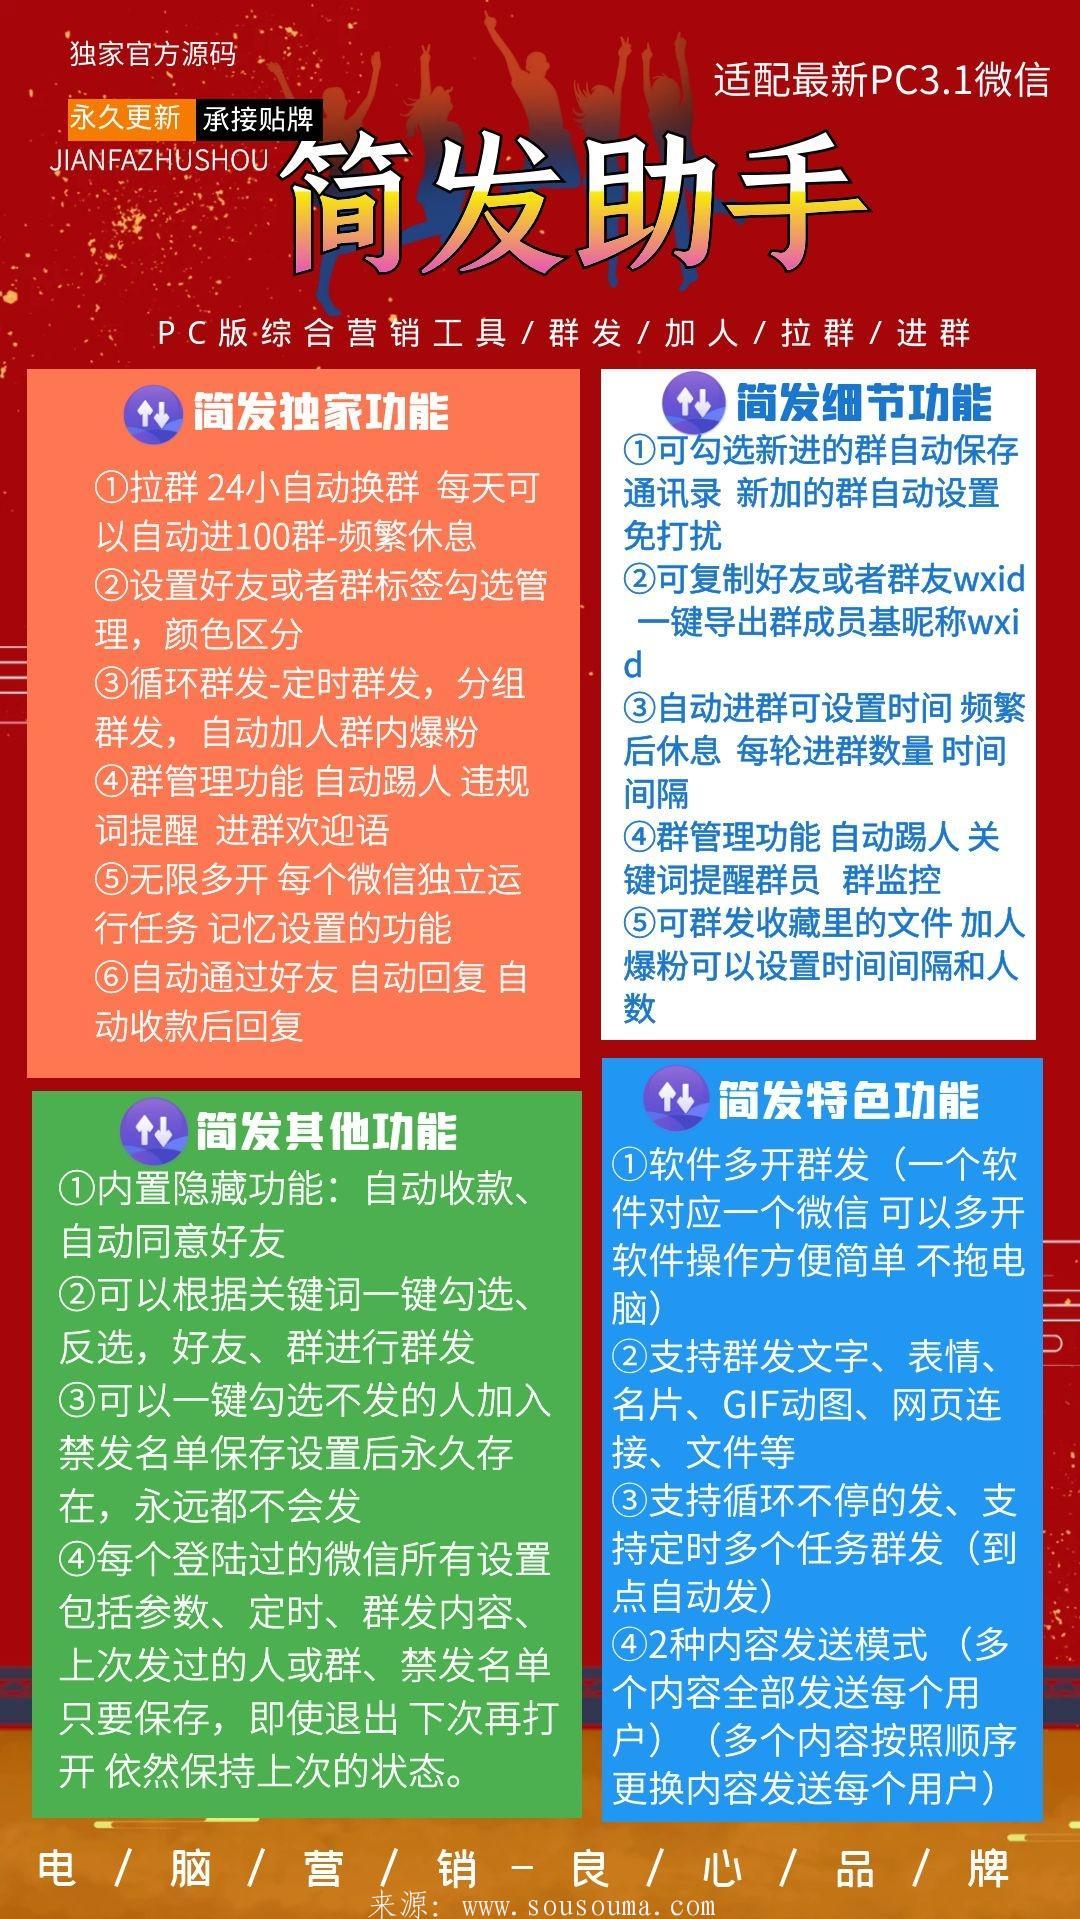 【简发助手官网】高端电脑群发日进100群配套3.1版本微信